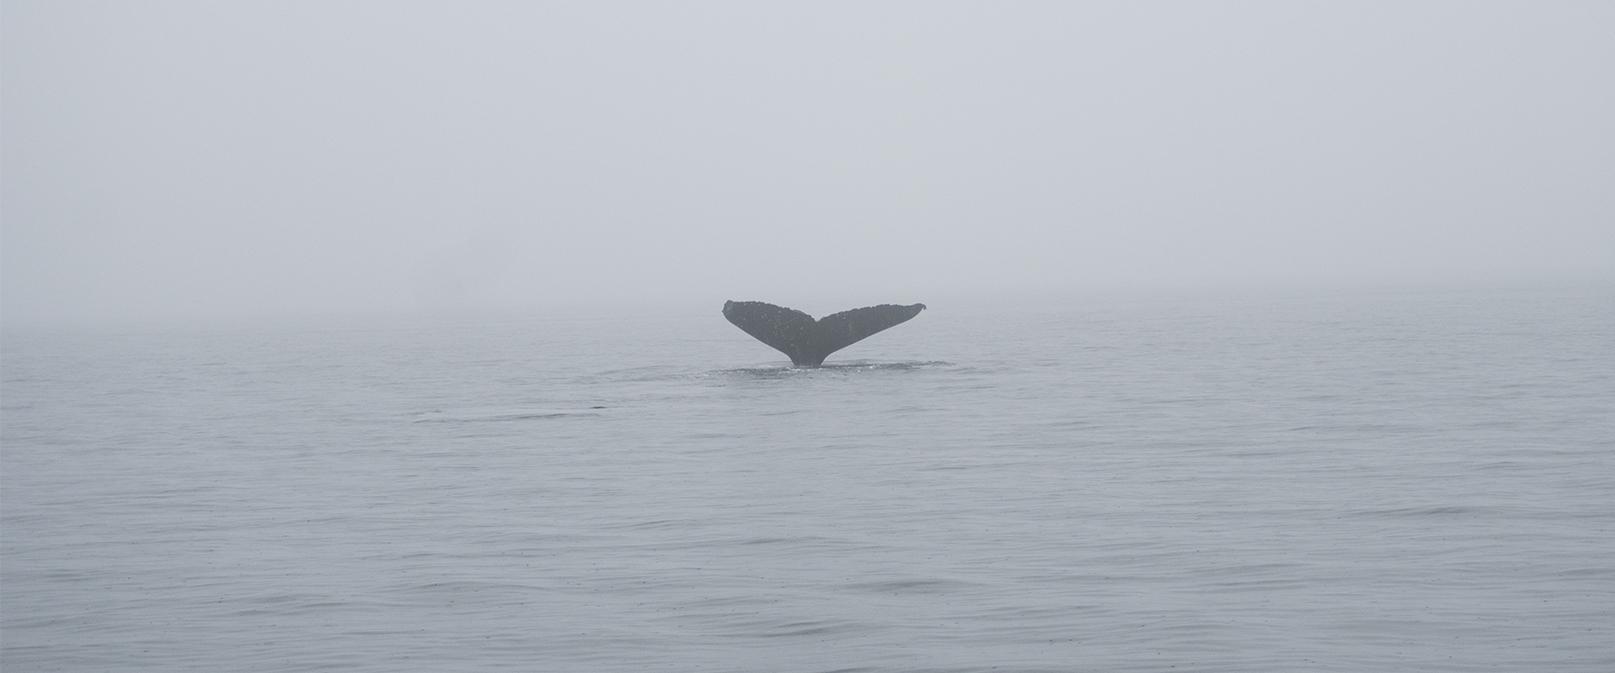 Duurzaam reizen: Walvissen spotten in West-Canada